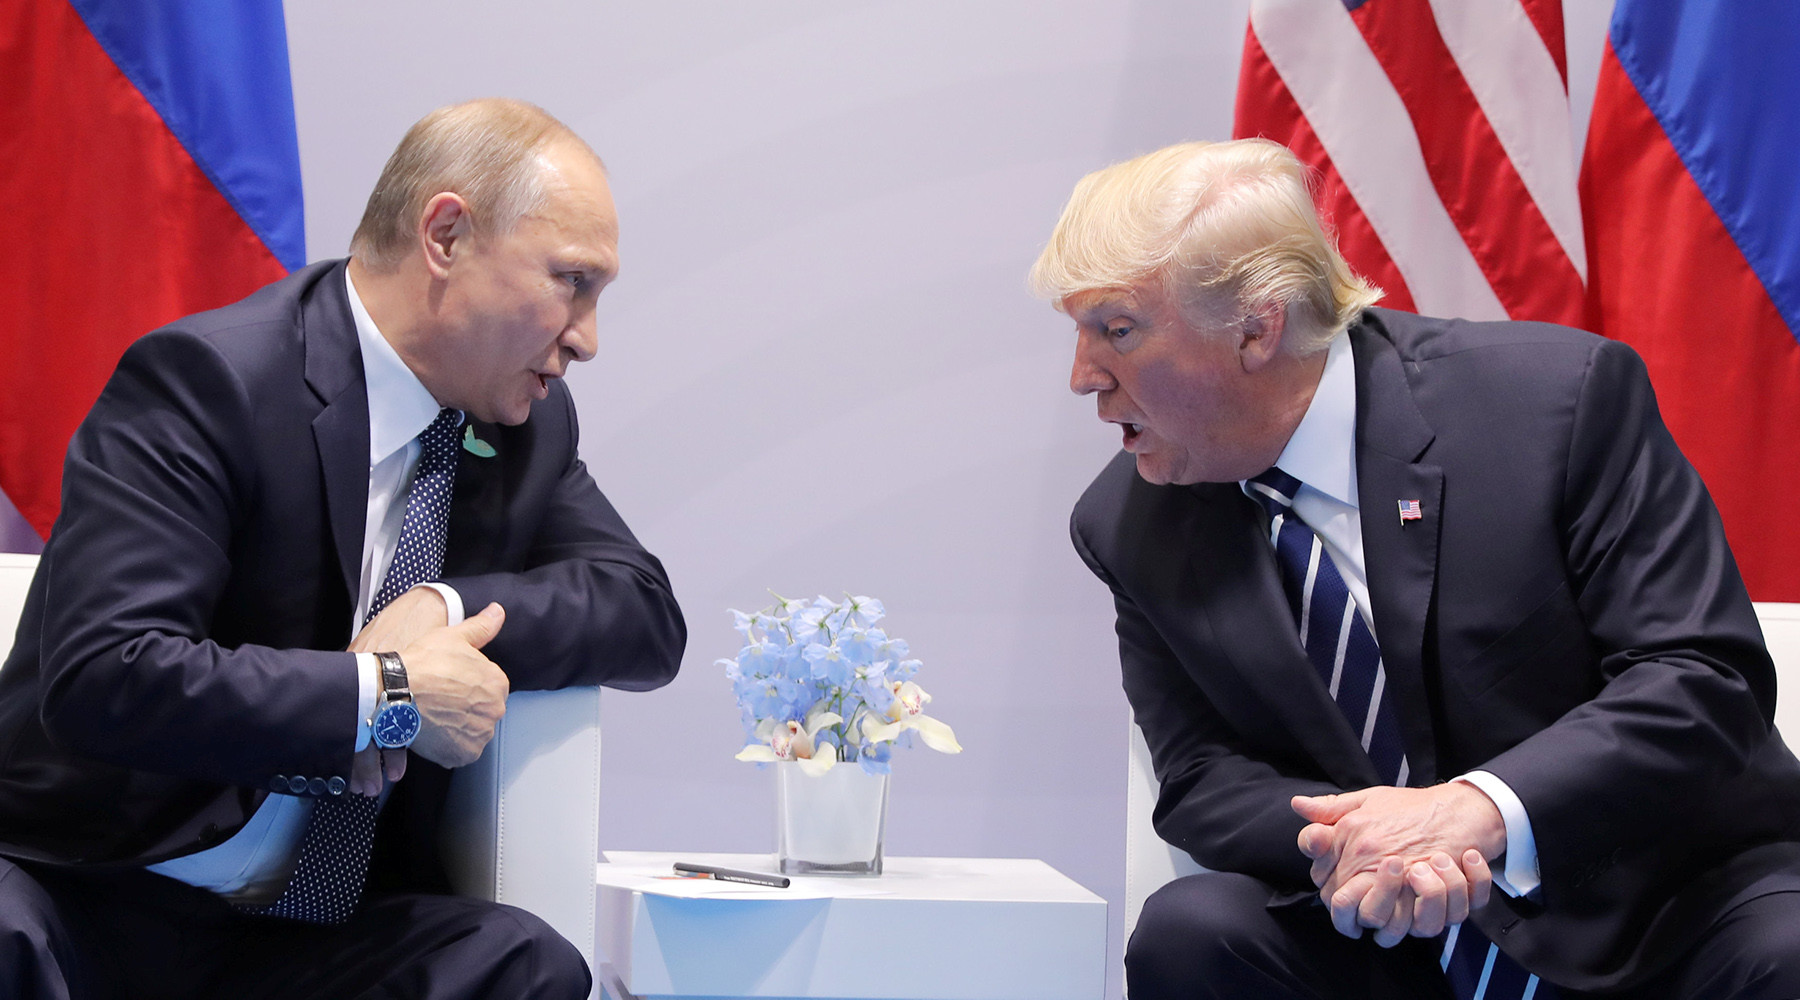 Как Трамп оправдывается перед американцами за встречу с Путиным